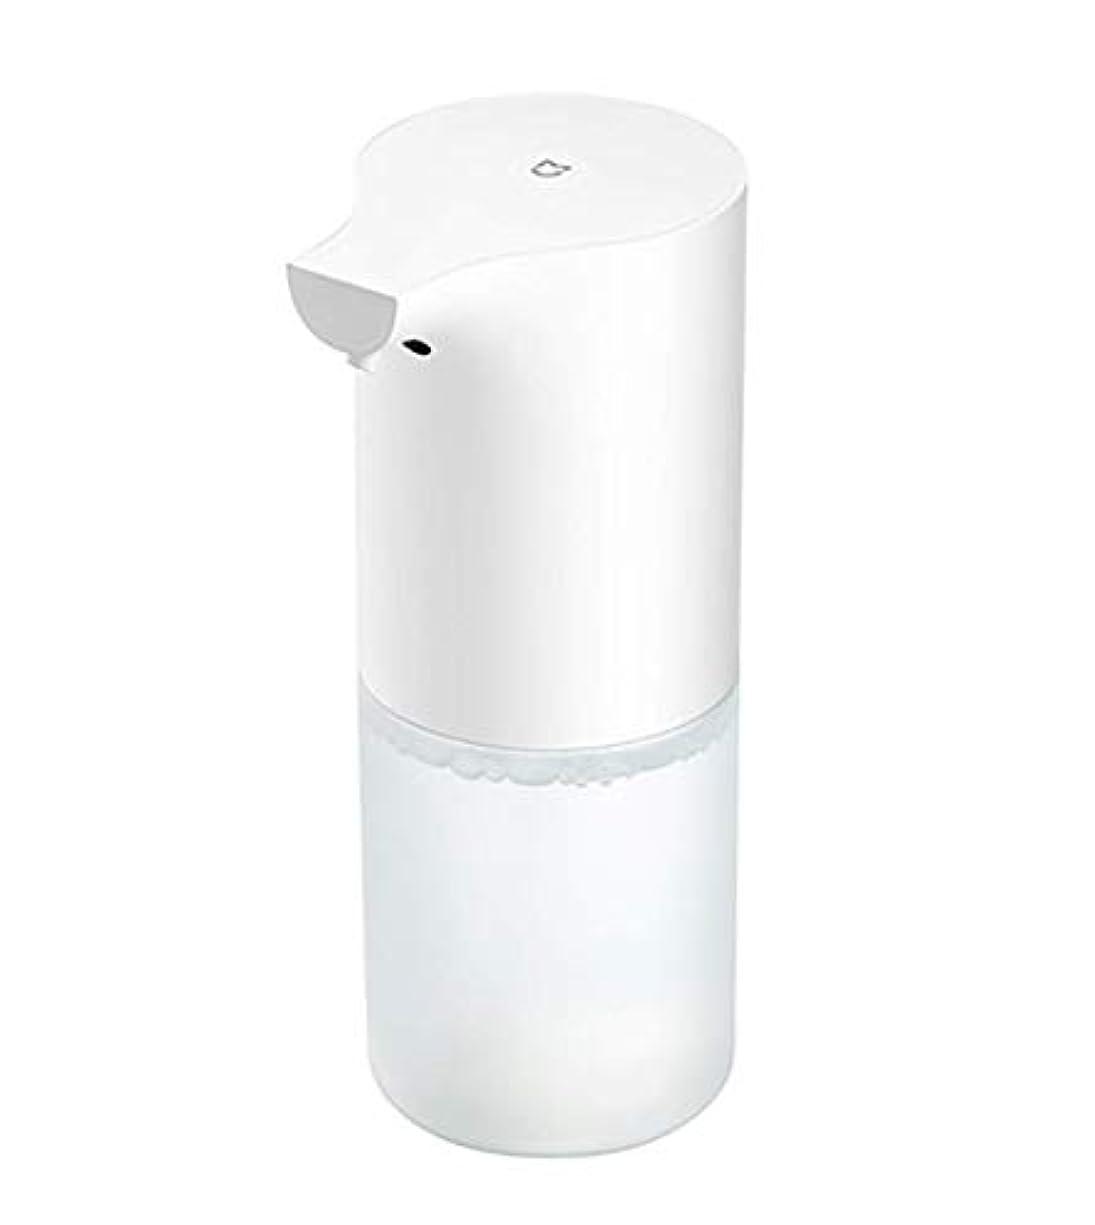 白雪姫動的光景自動誘導発泡ハンドウォッシャーフォームソープディスペンサー赤外線センサーソープディスペンサー用浴室キッチン